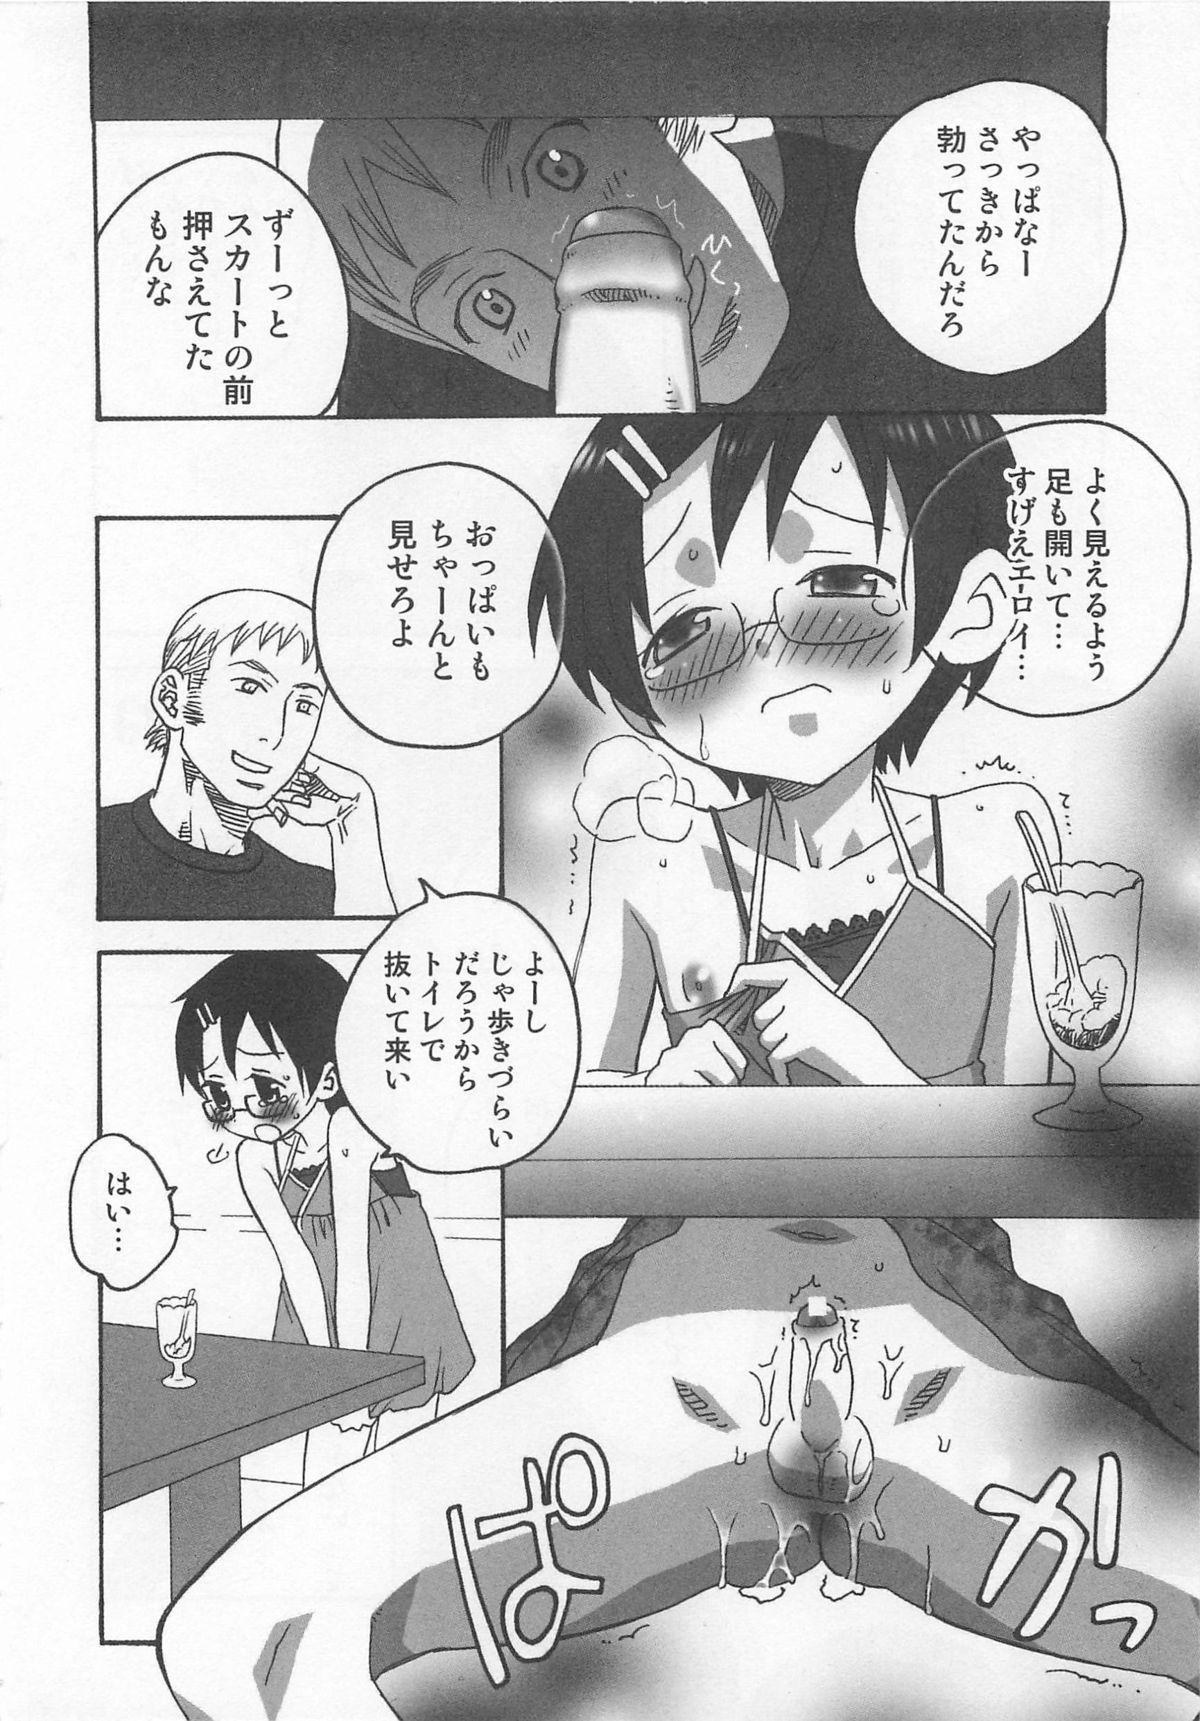 Otokonoko HEAVEN Vol. 01 Meganekko 24